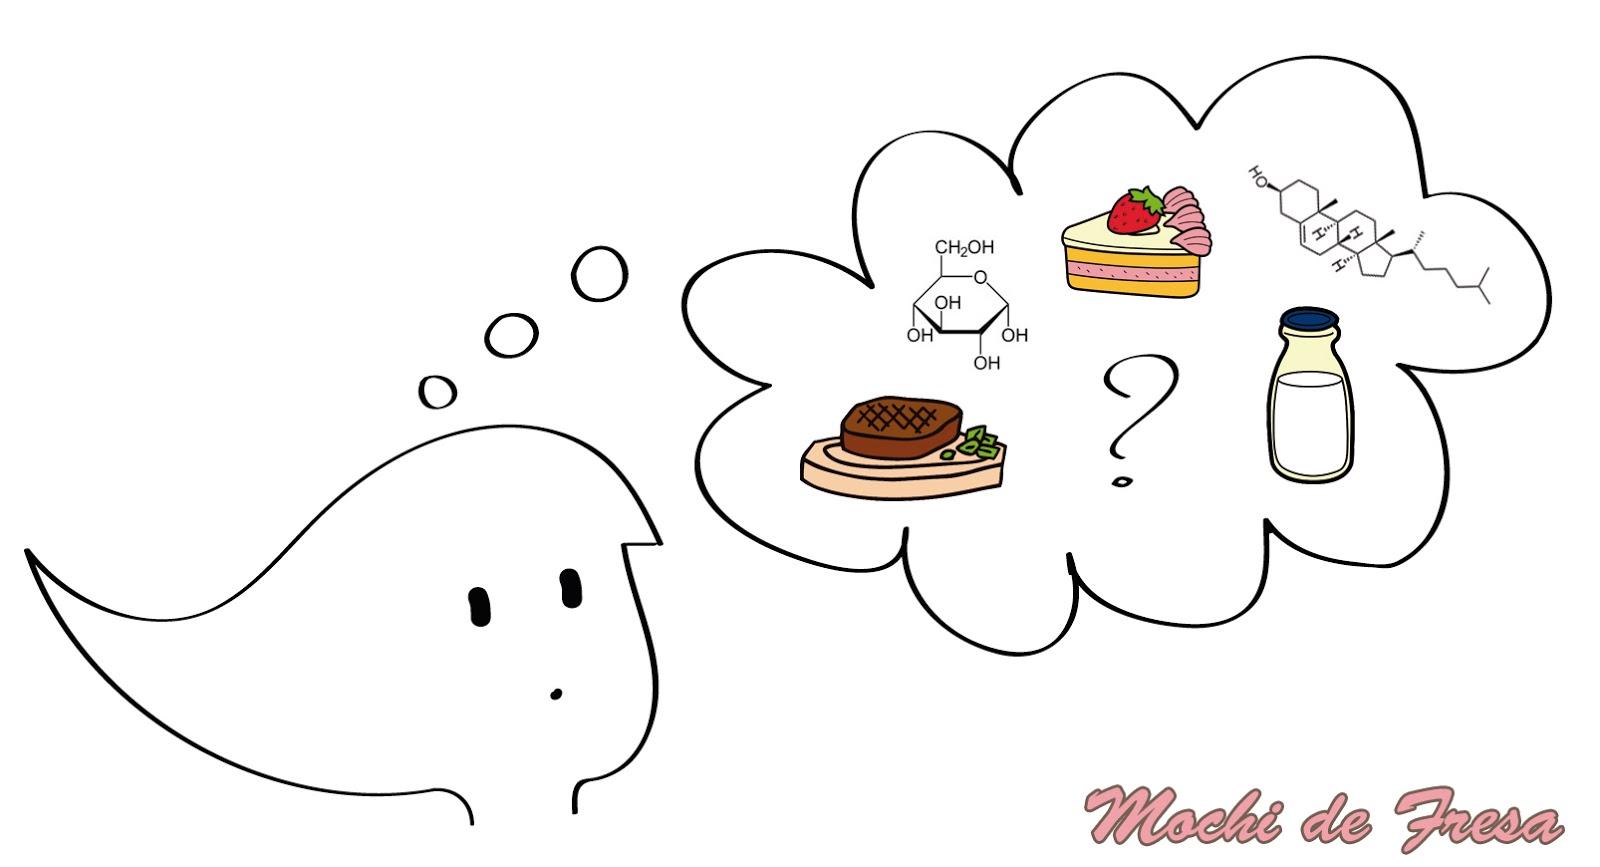 Cocina mochi de fresa qu mica en la cocina qu comemos for La quimica y la cocina pdf